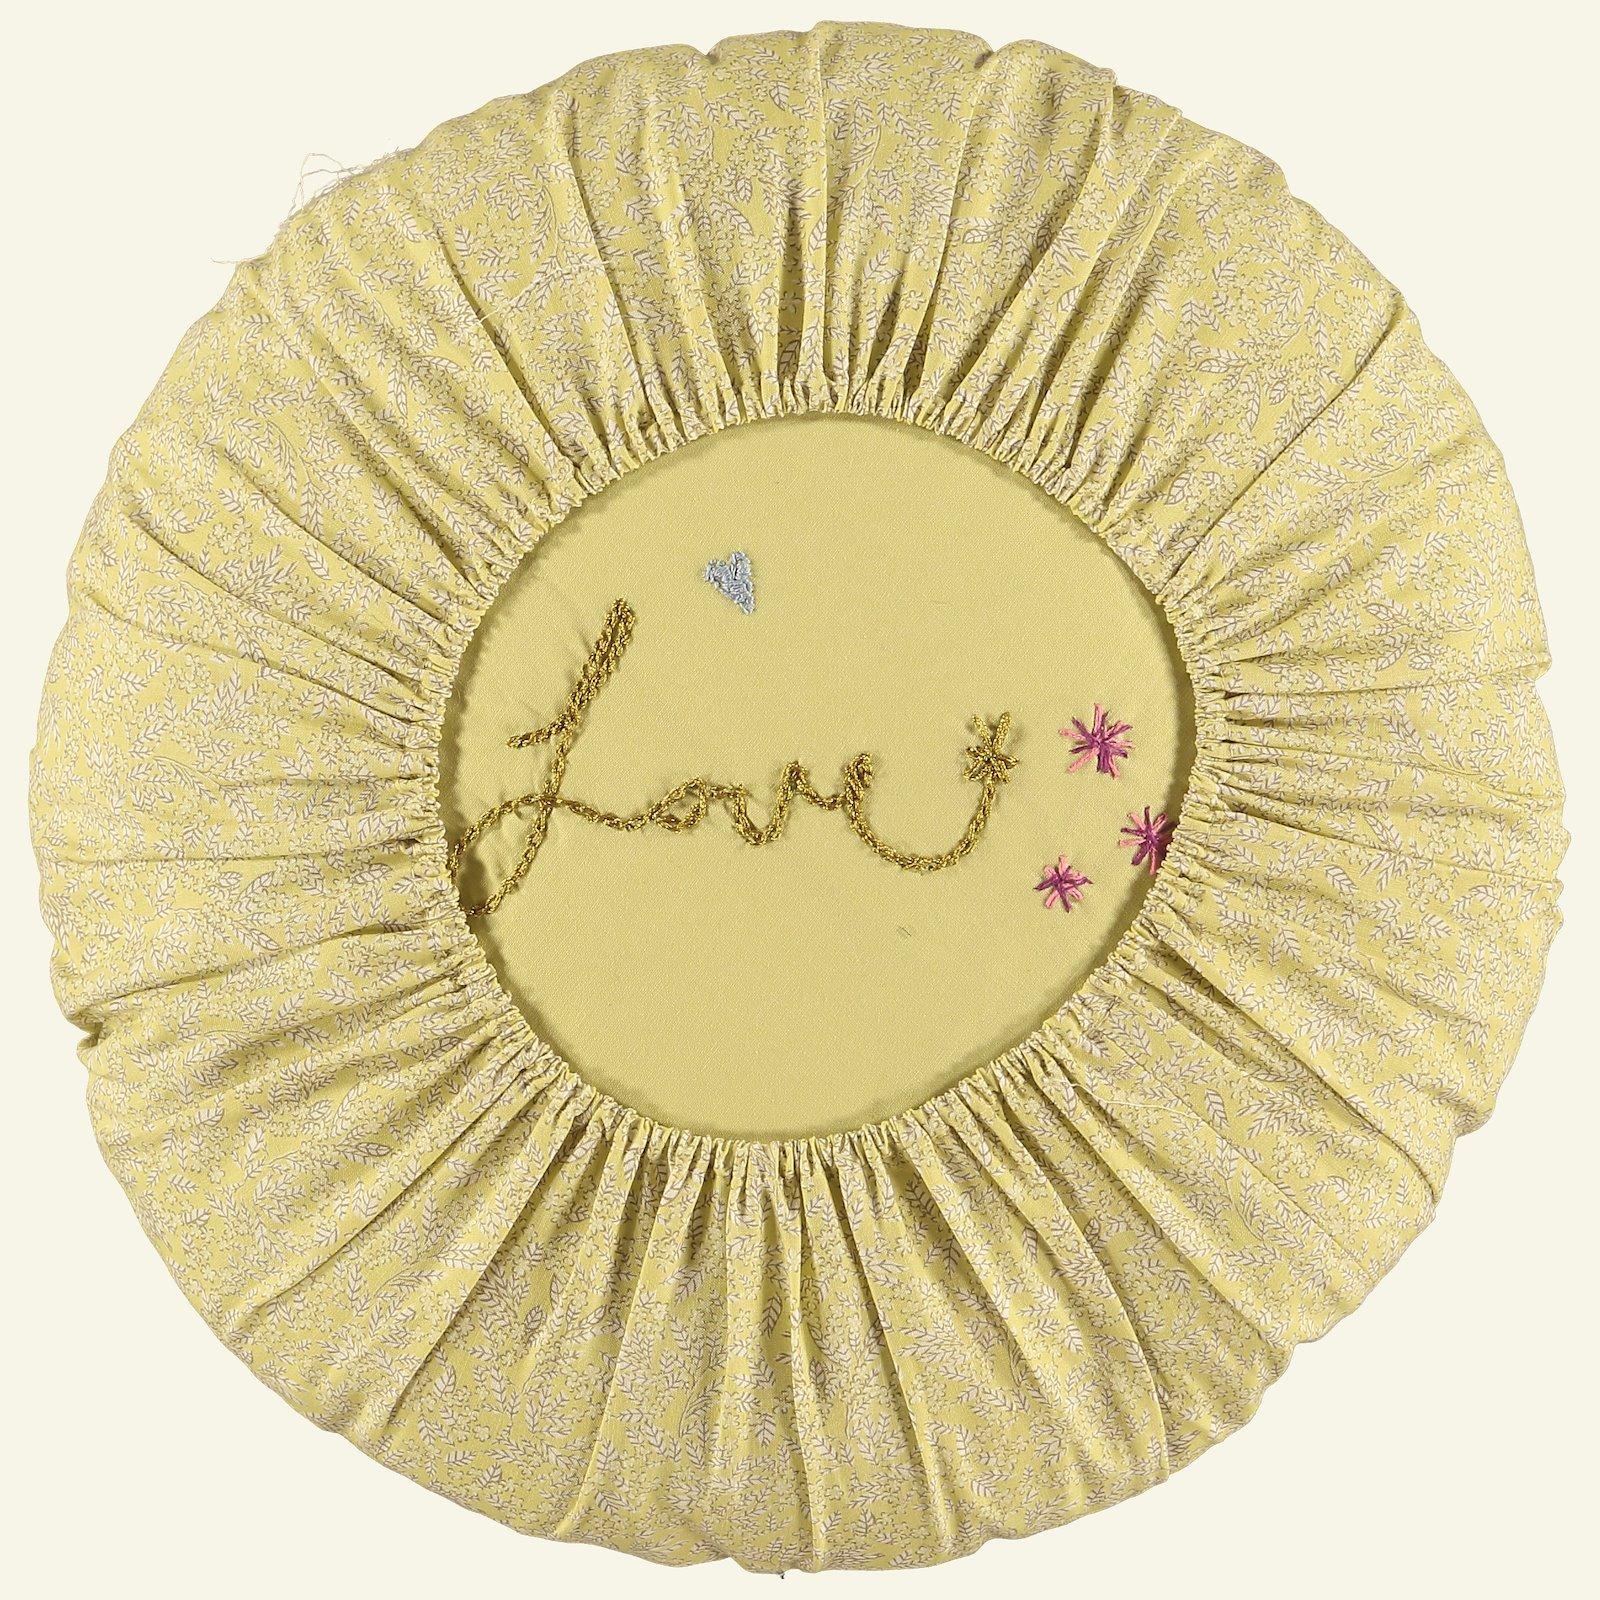 Luxury cotton light lemon p90278_852368_4357_sskit